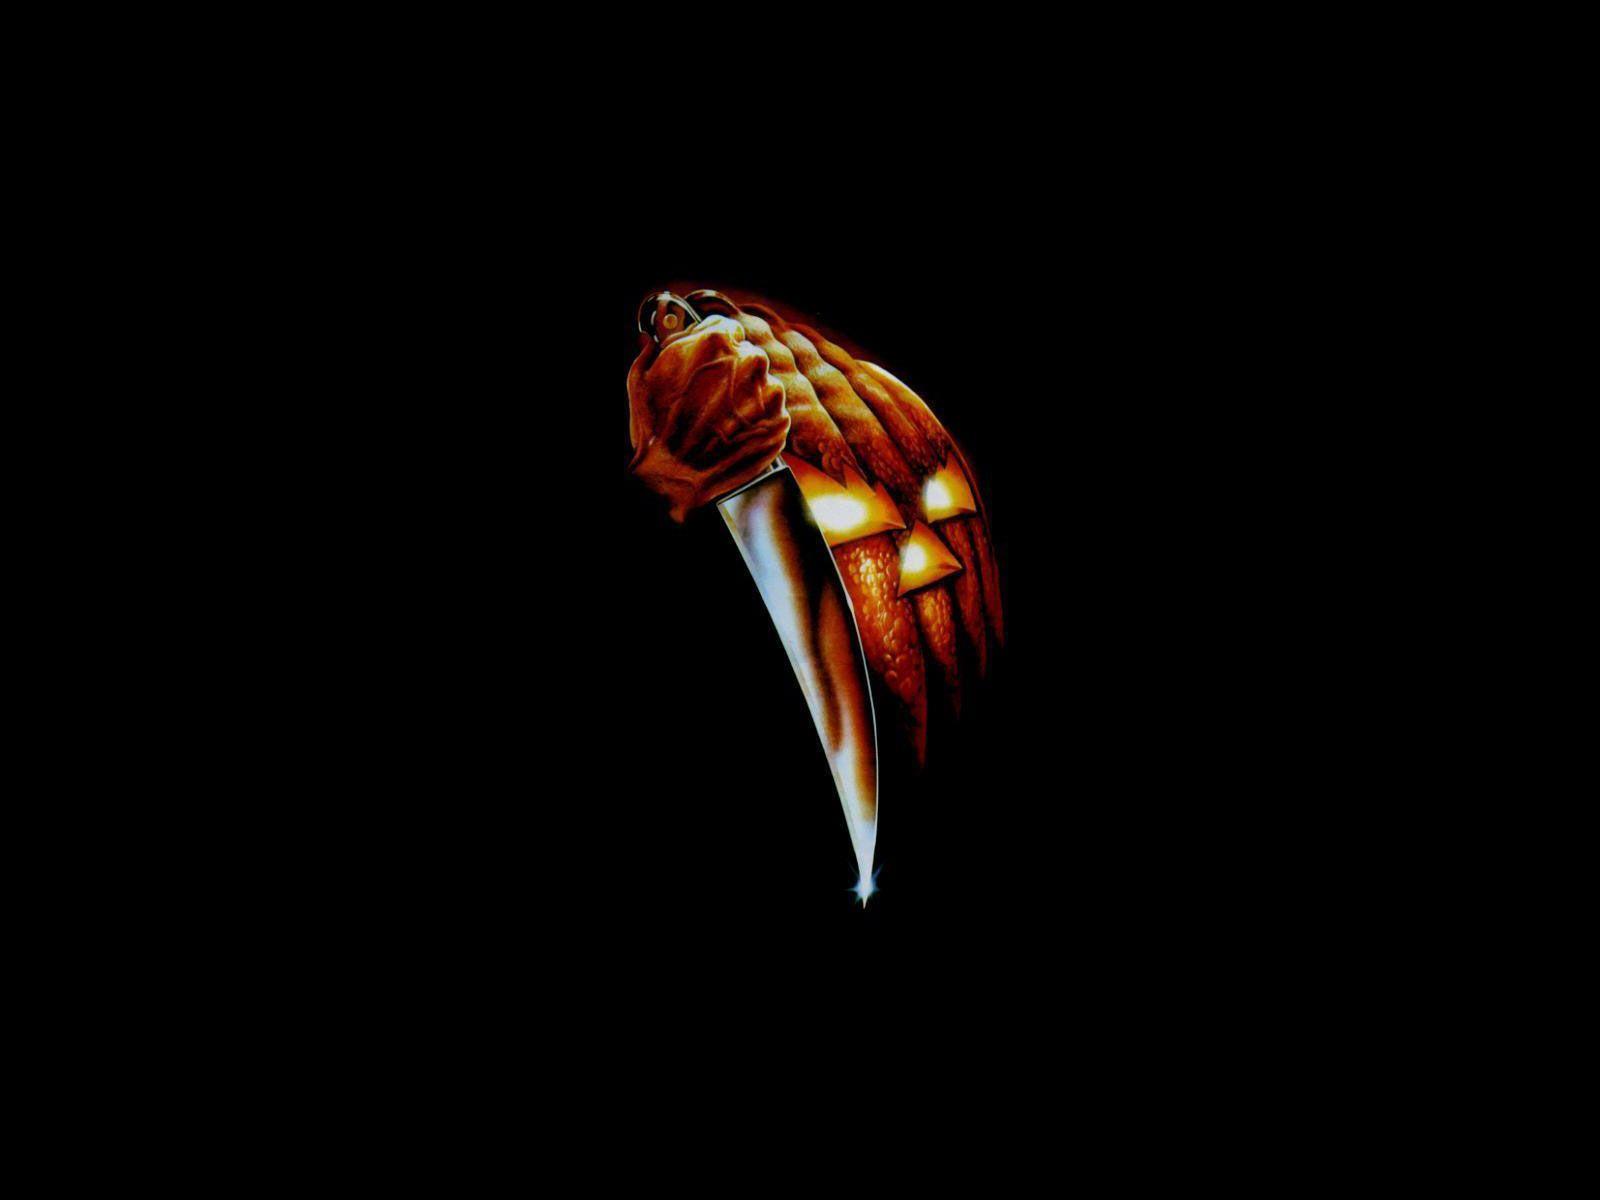 halloween michael myers wallpaper | Halloween Movie Wallpapers (Michael Myers) | Horror Wallpapers